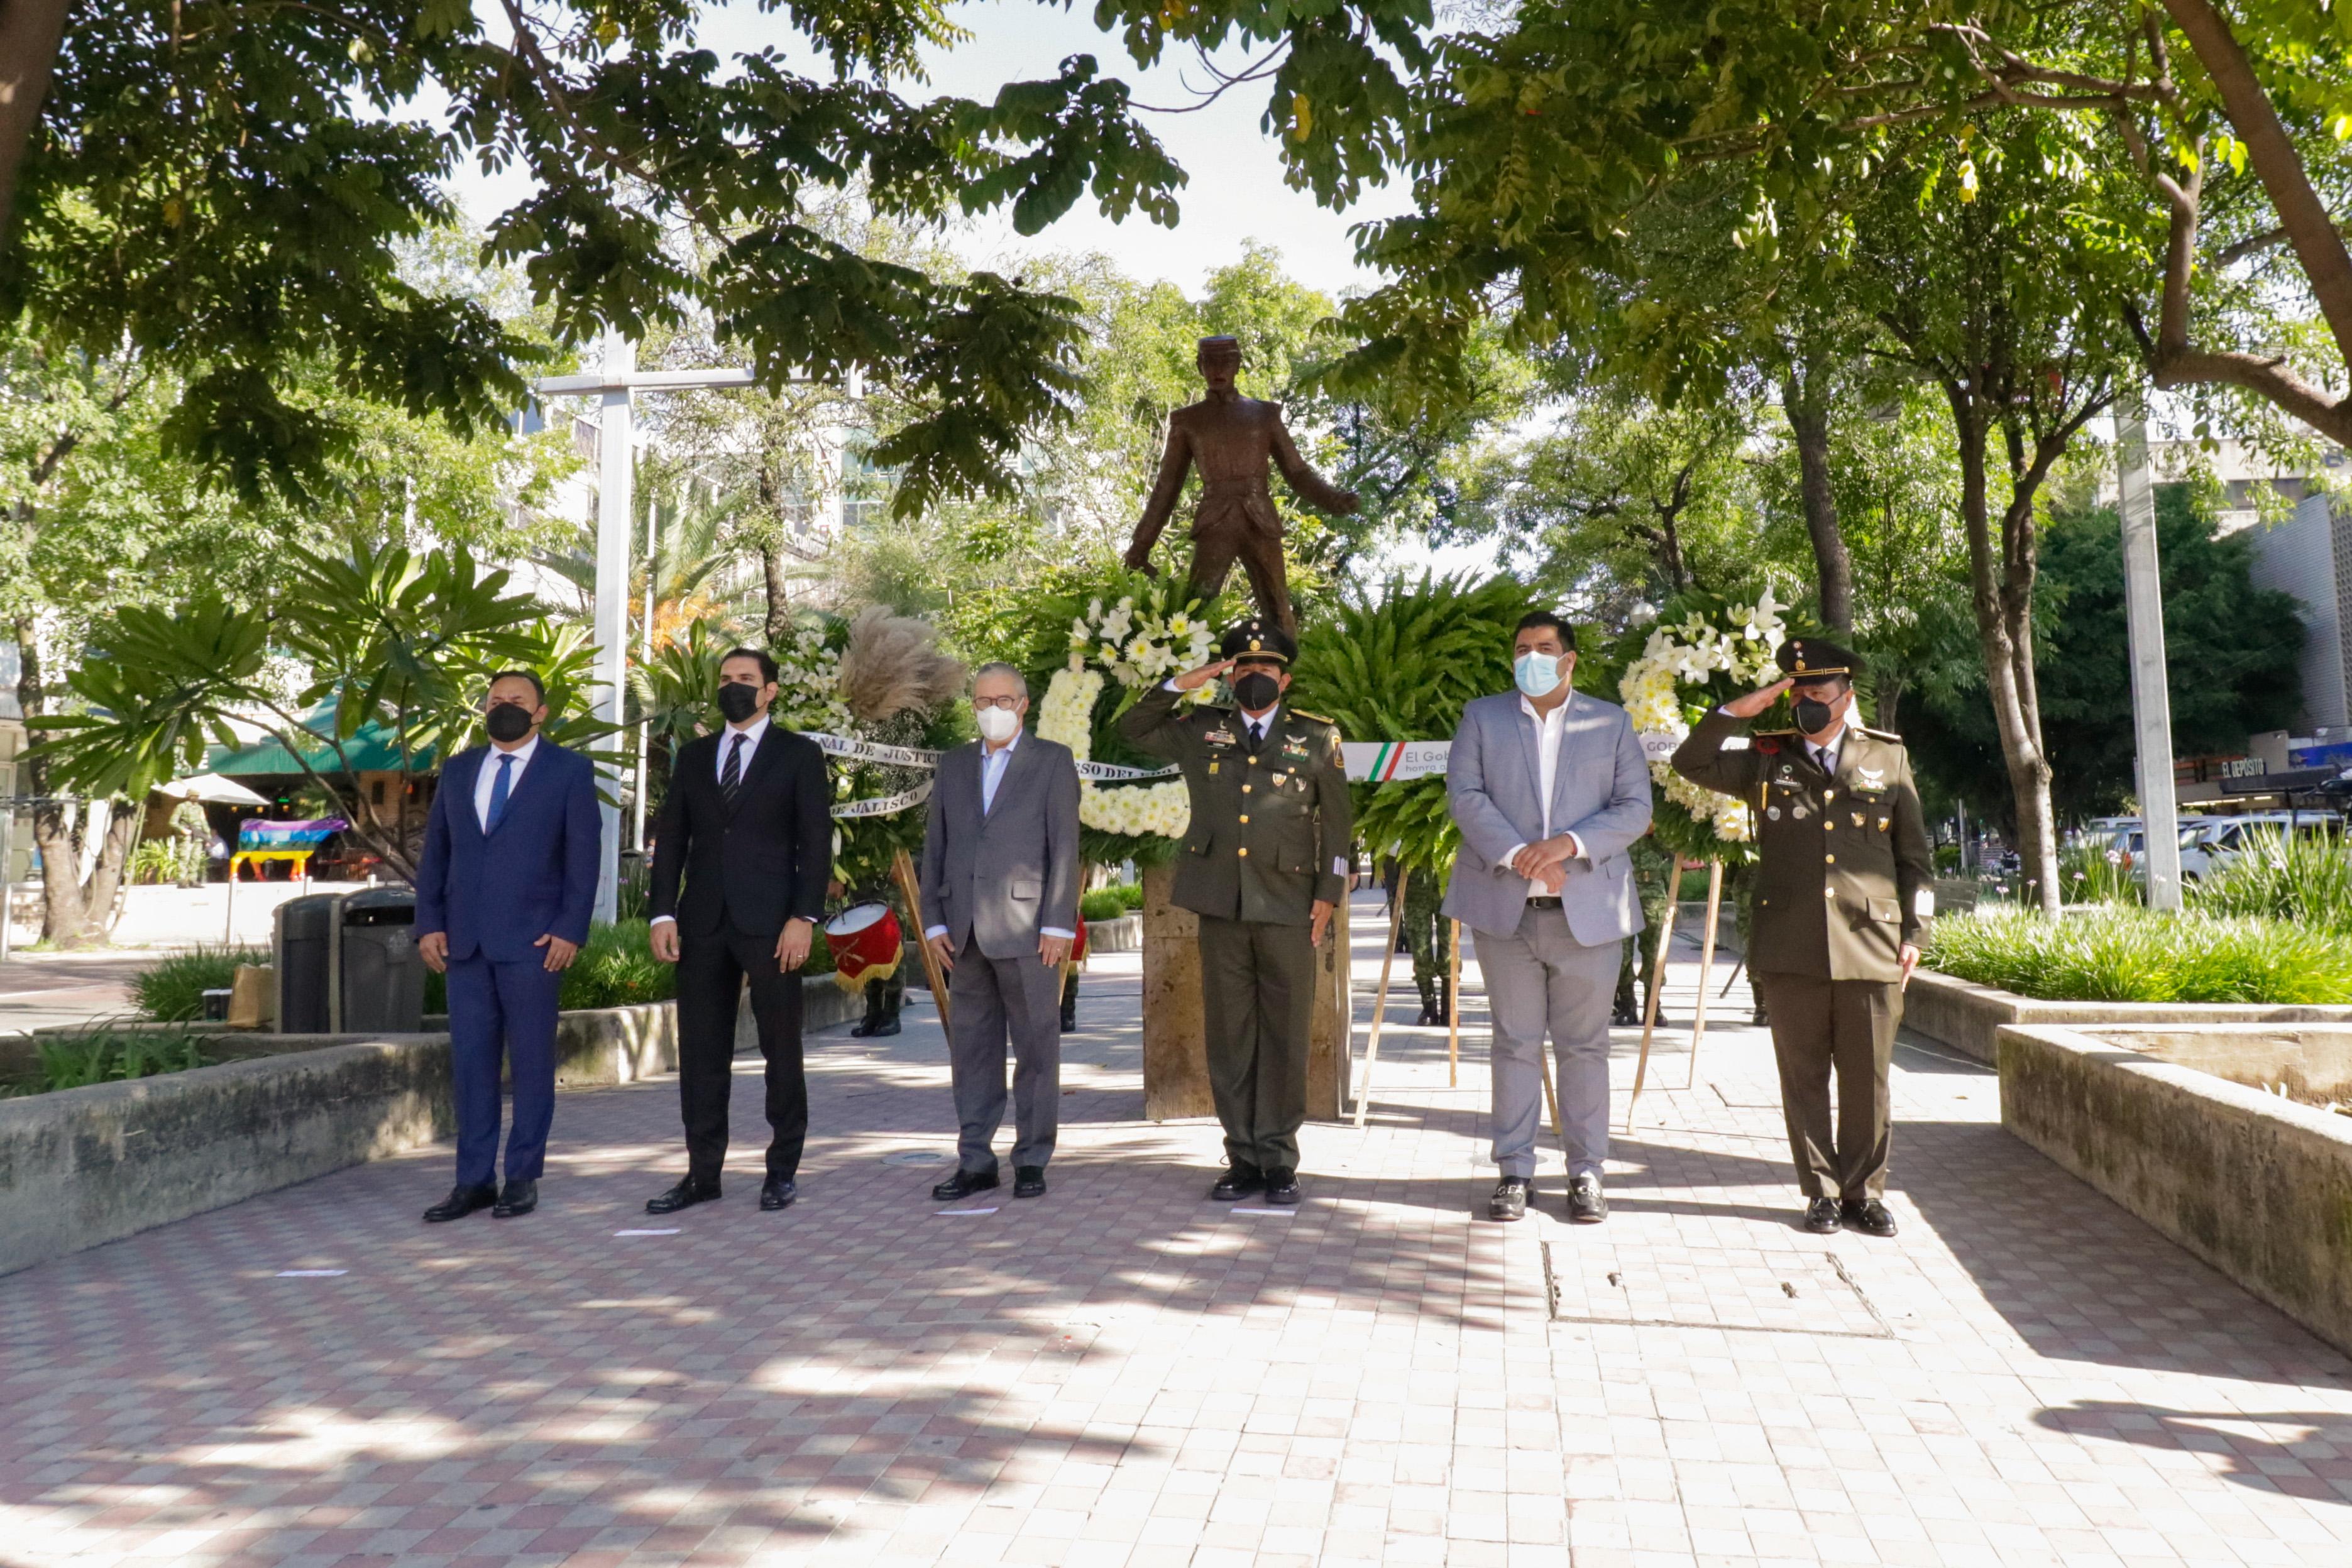 Encabeza Secretario General de Gobierno ceremonia conmemorativa por gesta heroica de los Niños Héroes de Chapultepec